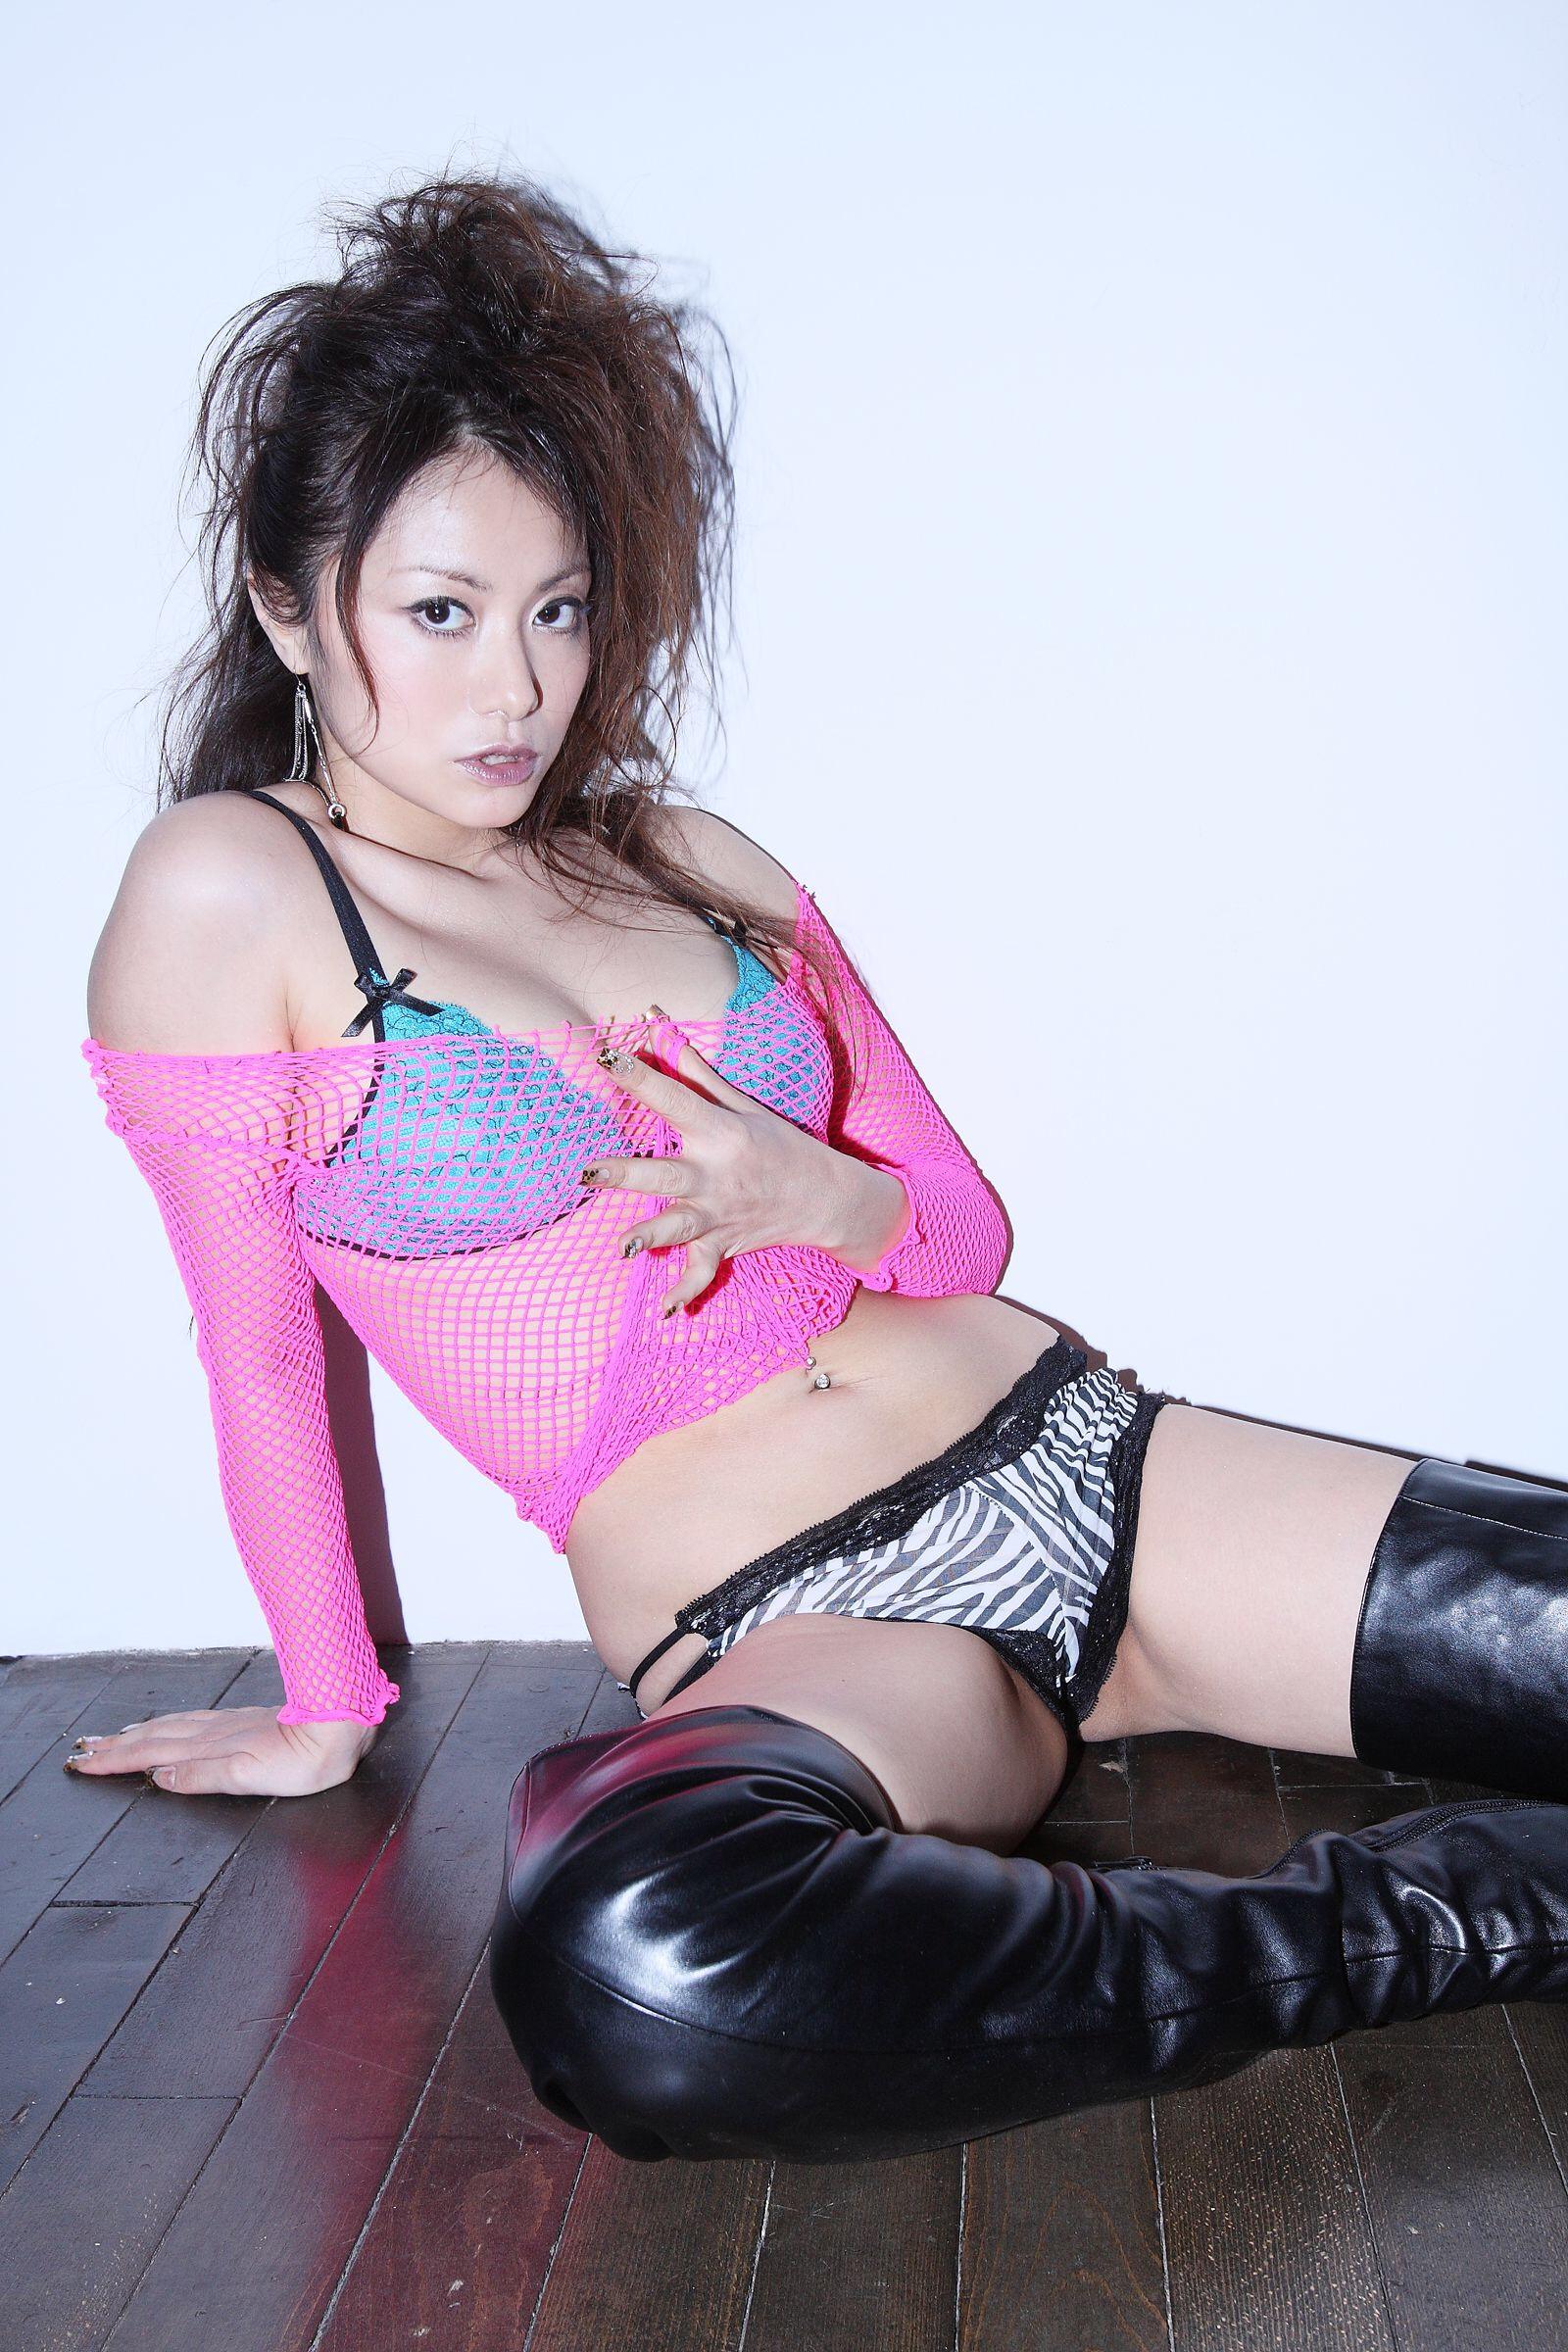 たかはし智秋 グラビアエロ画像-No.5-(27pics)